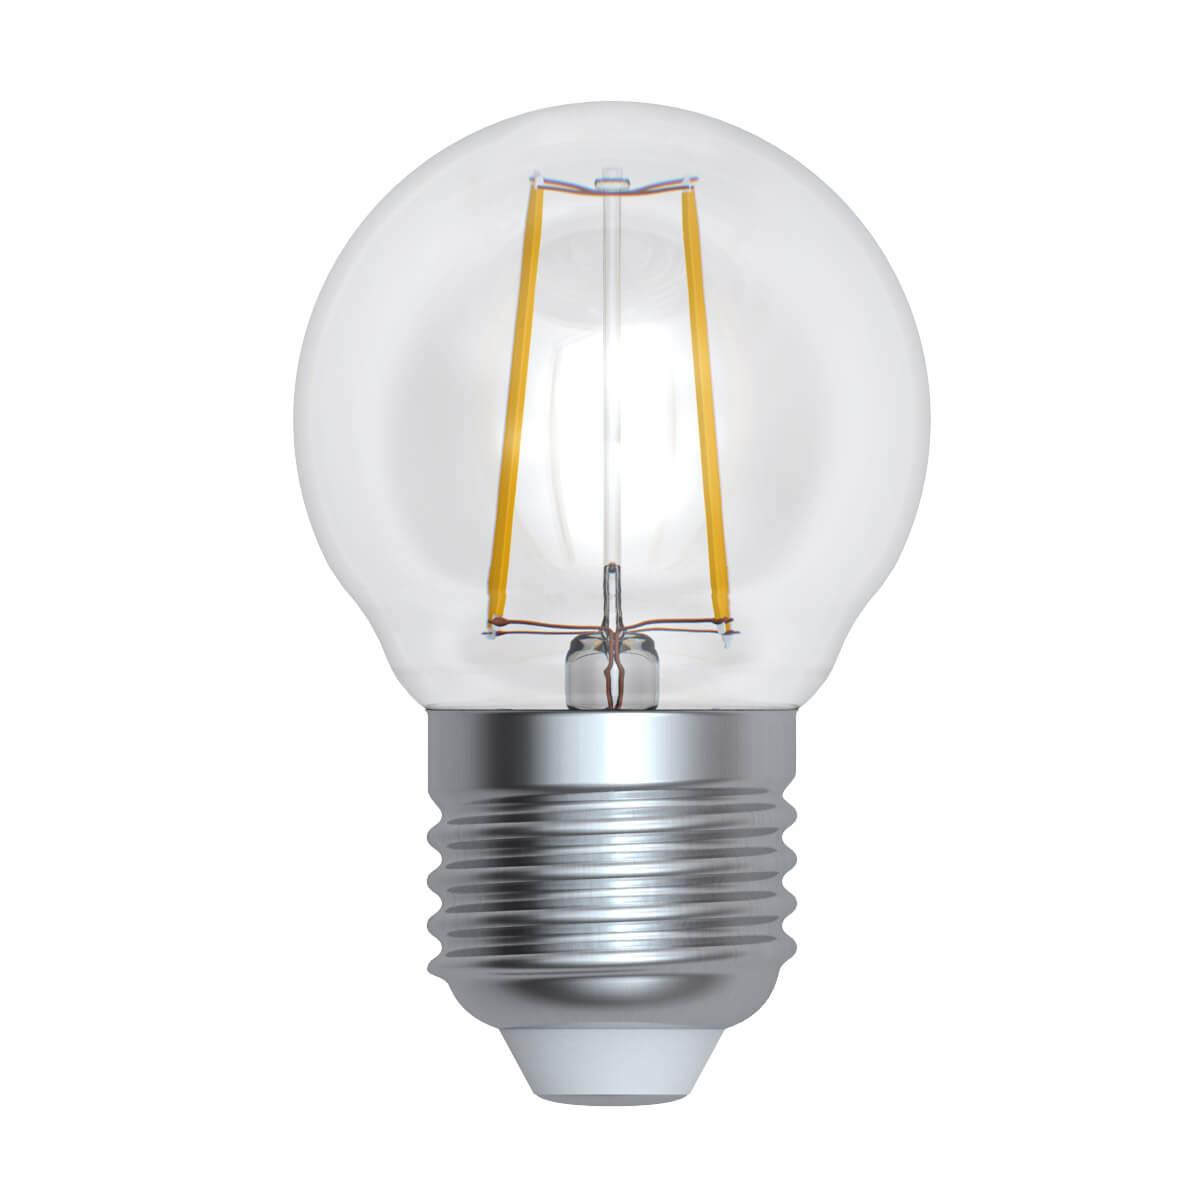 Лампочка Uniel LED-G45-9W/4000K/E27/CL/DIM GLA01TR LED-G45 лампочка uniel led g45 9w 3000k e27 cl pls02wh led g45